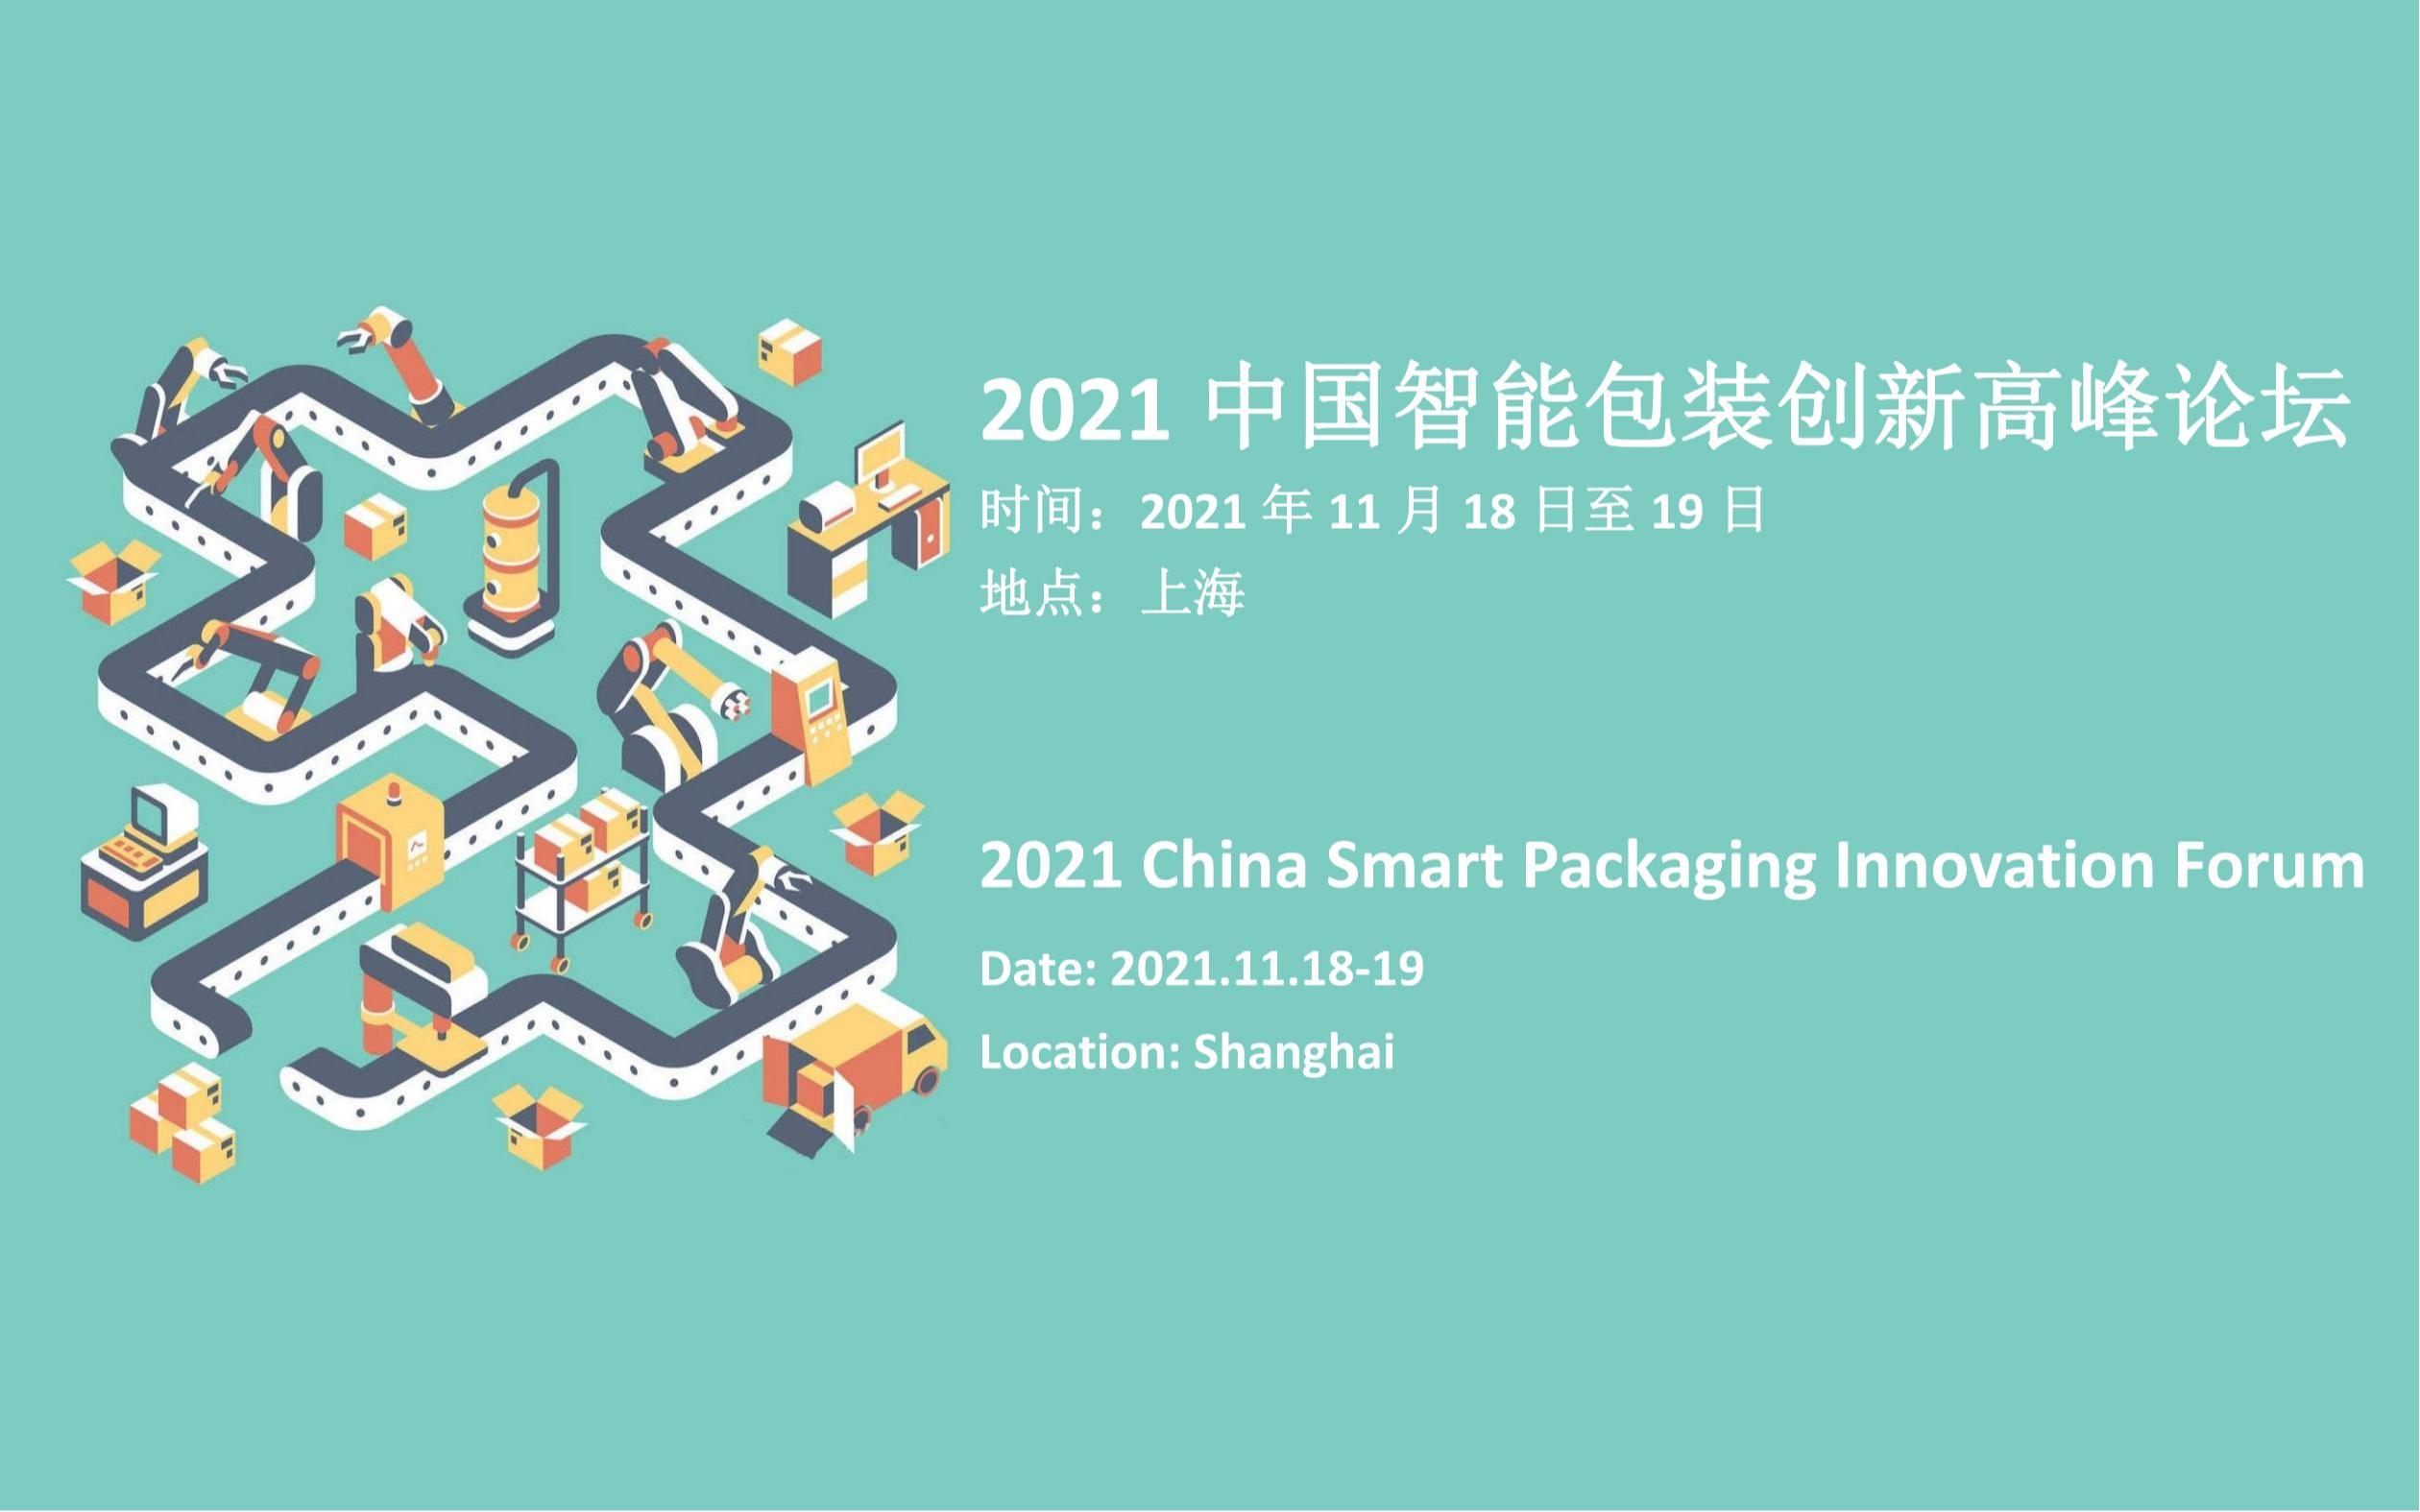 中国智能包装创新高峰论坛